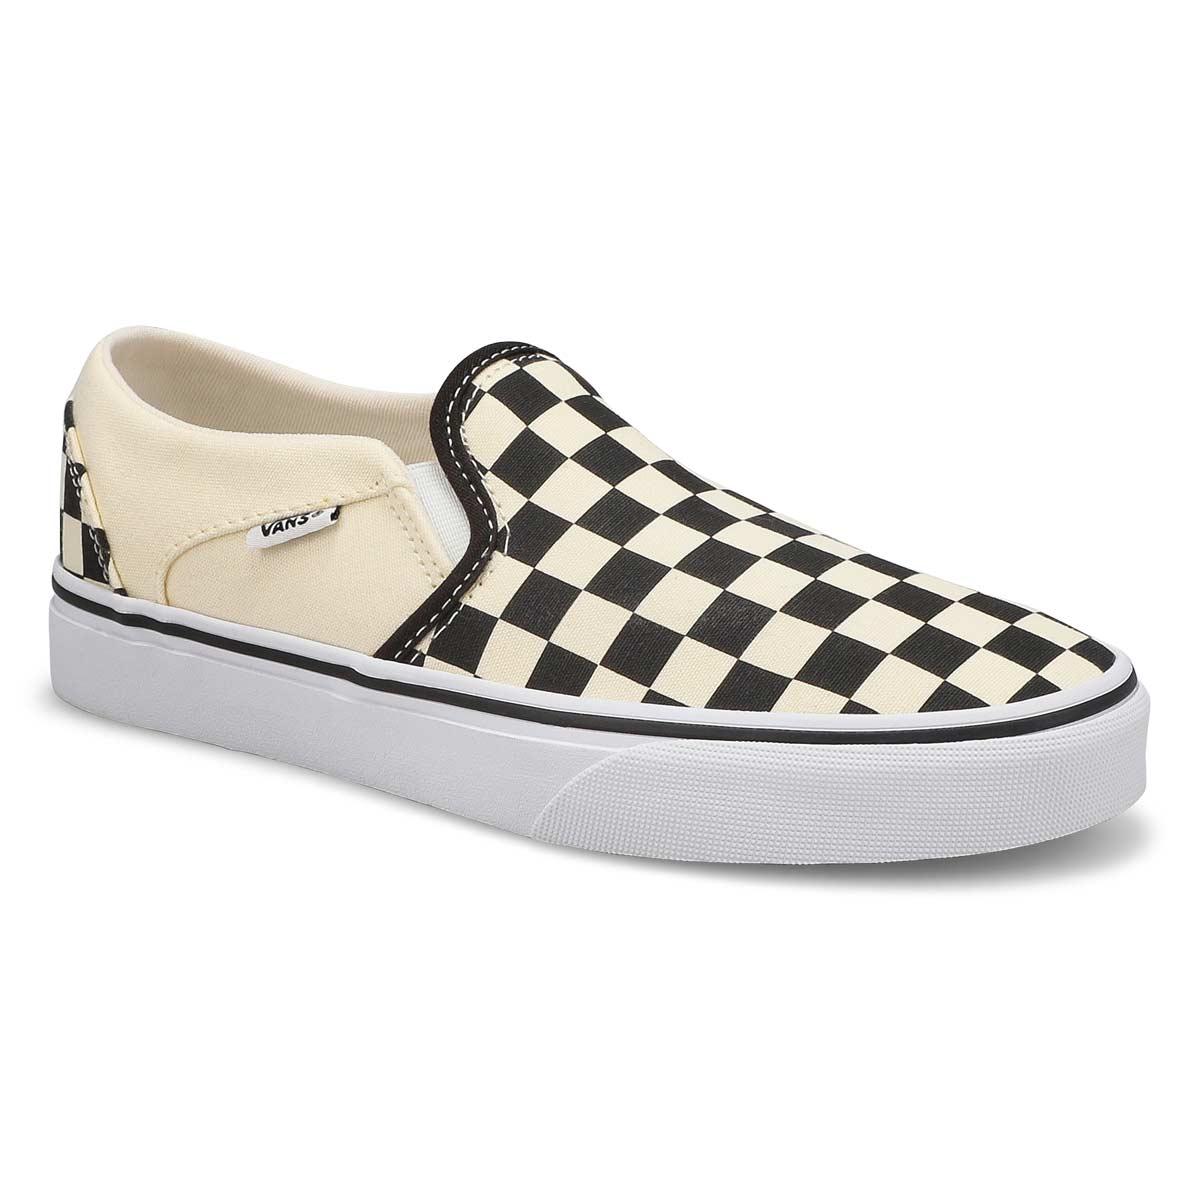 Women's Asher Sneaker - Checkered Black/White